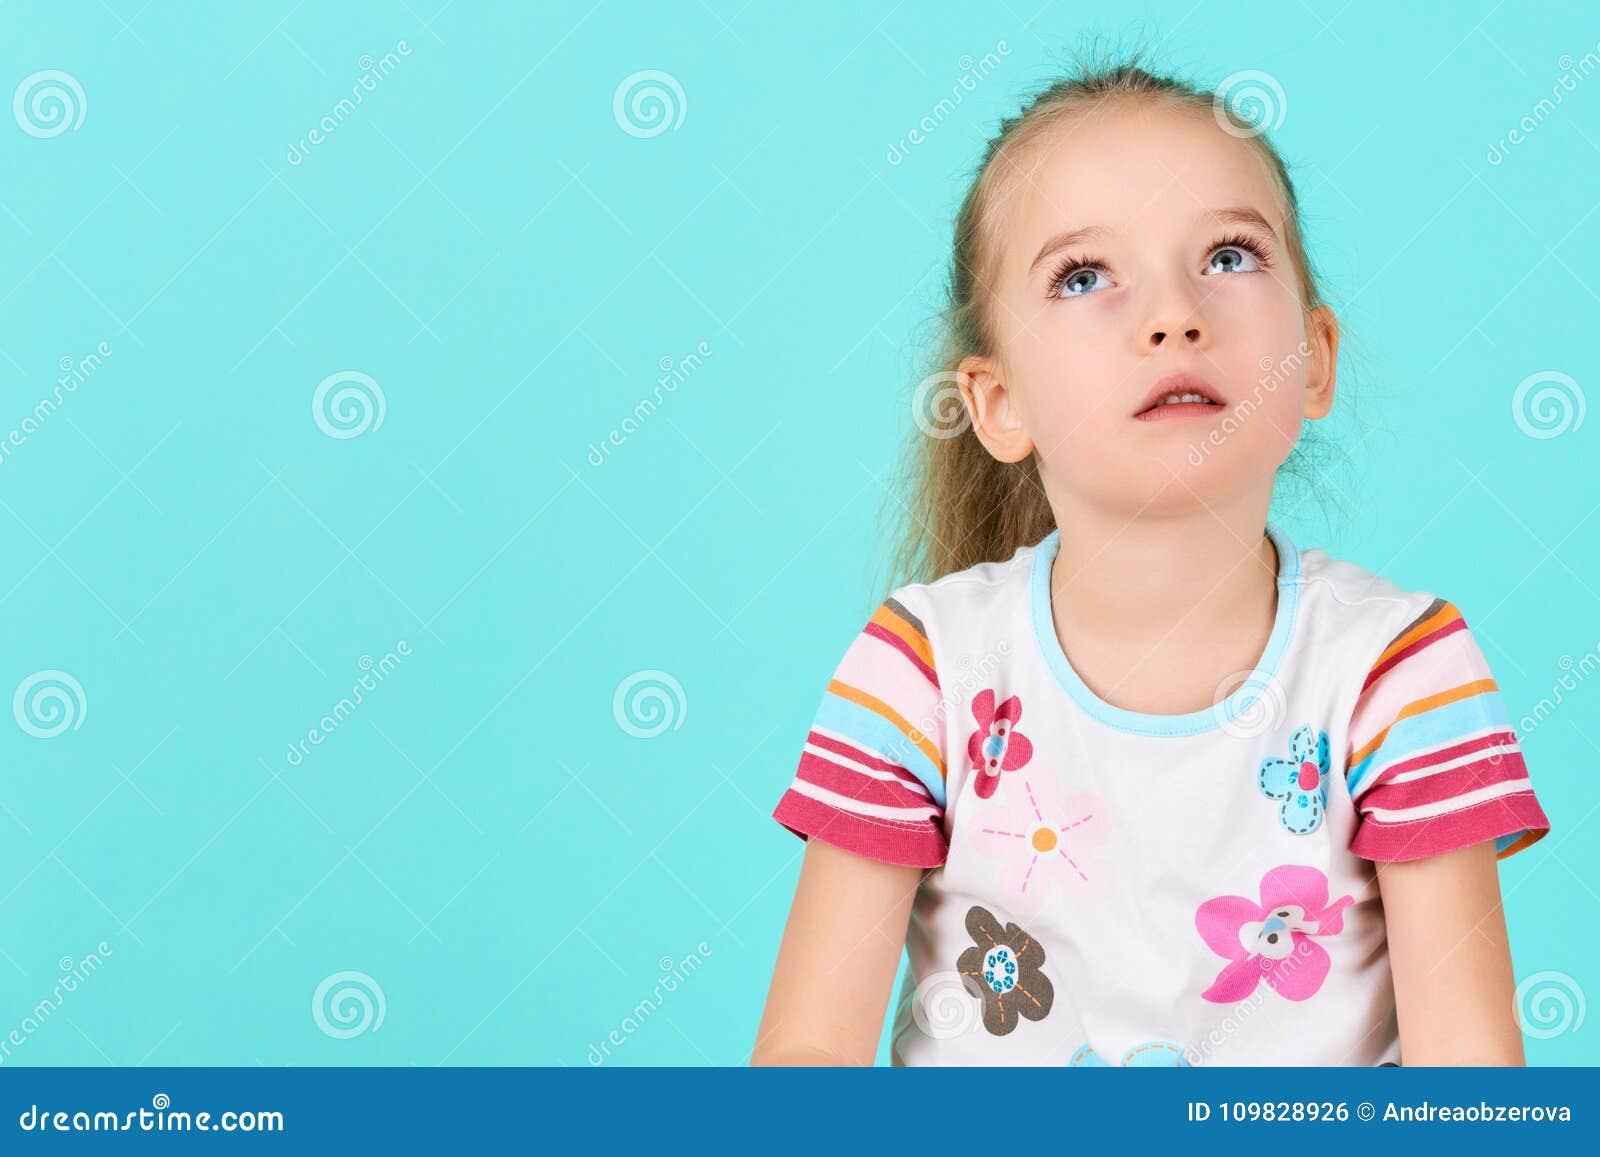 Urocza preschooler dziewczyna głęboko w myślach, przyglądający up Koncentracja, decyzja, wzroku pojęcie